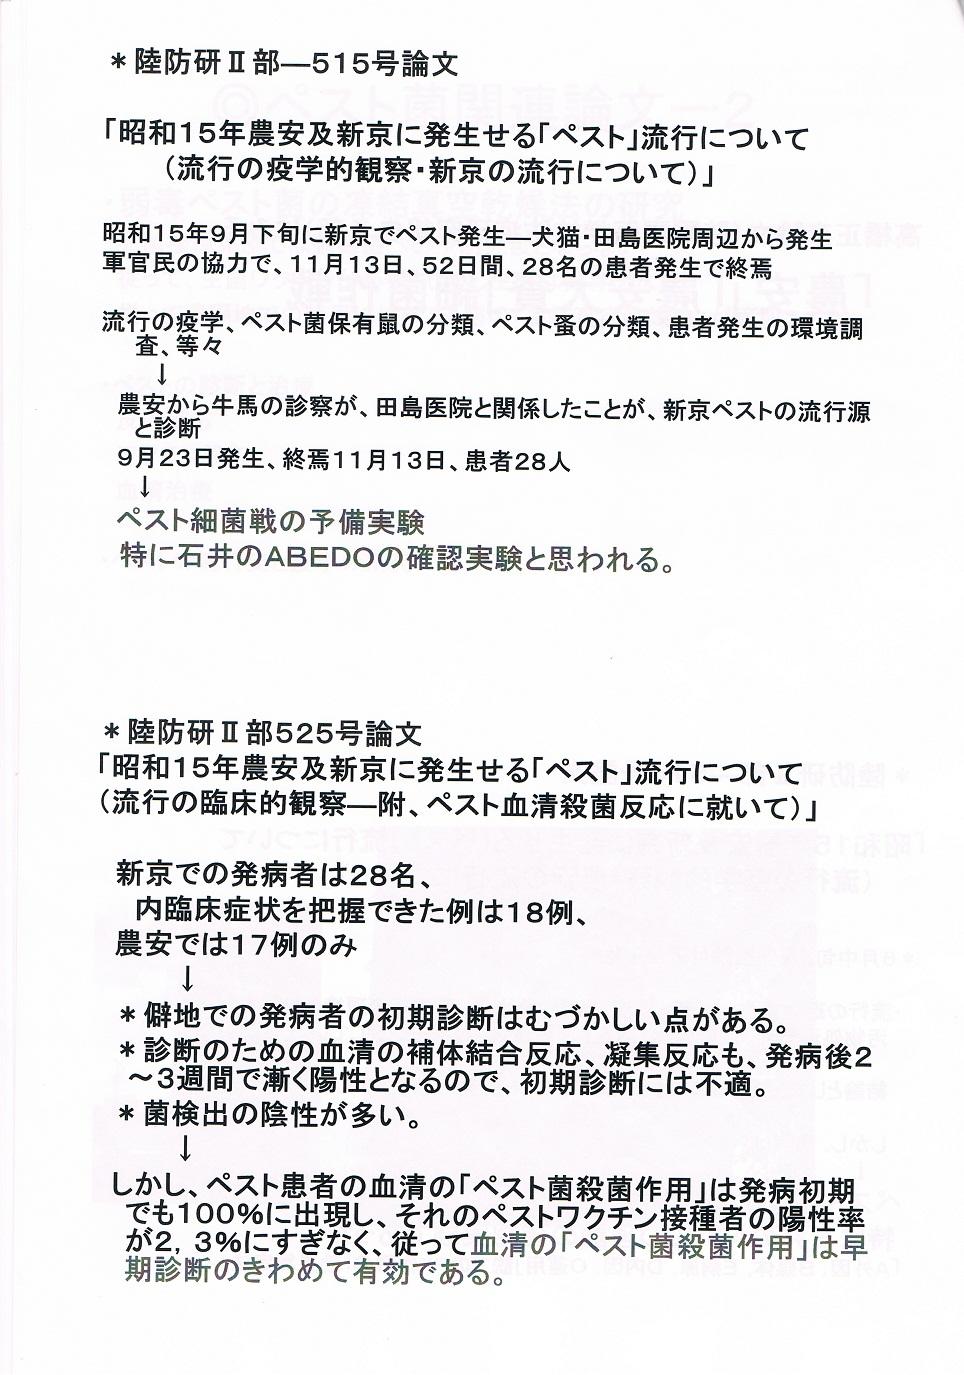 515号論文 - コピー